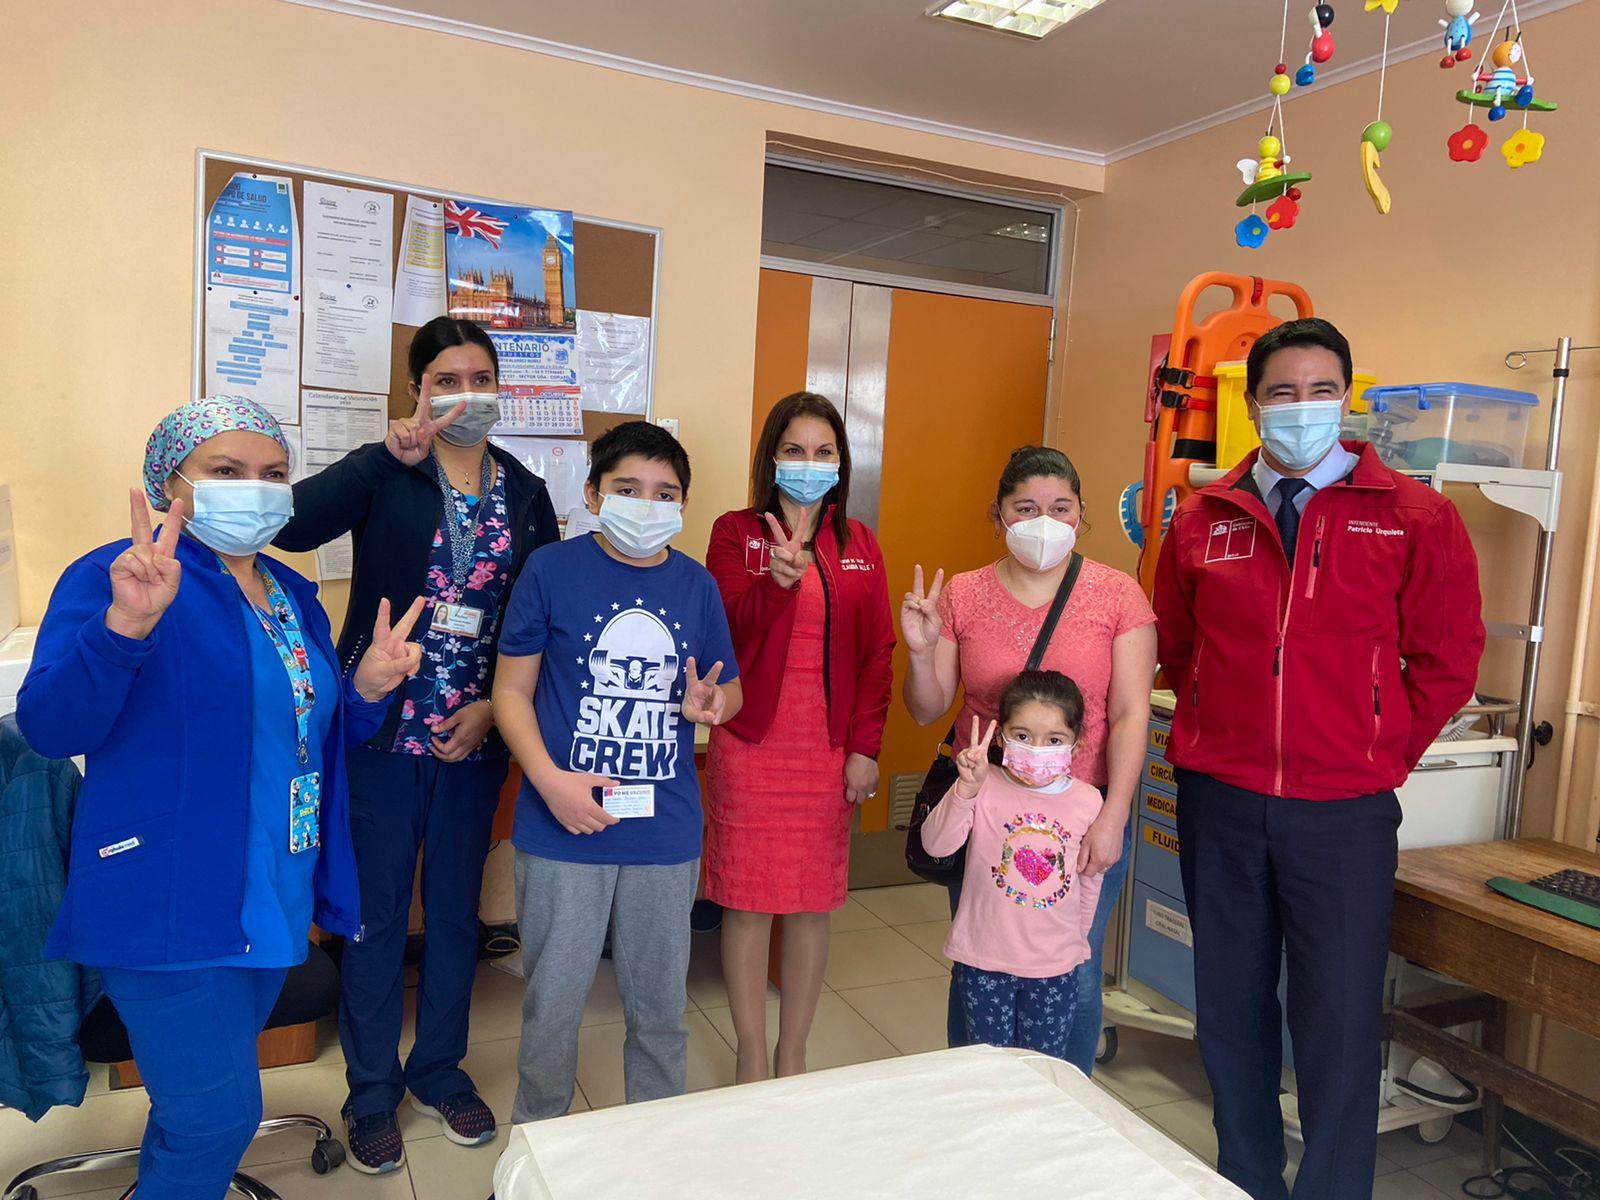 Gobierno da inicio a la vacunación contra Covid-19 en niños de 6 a 11 años